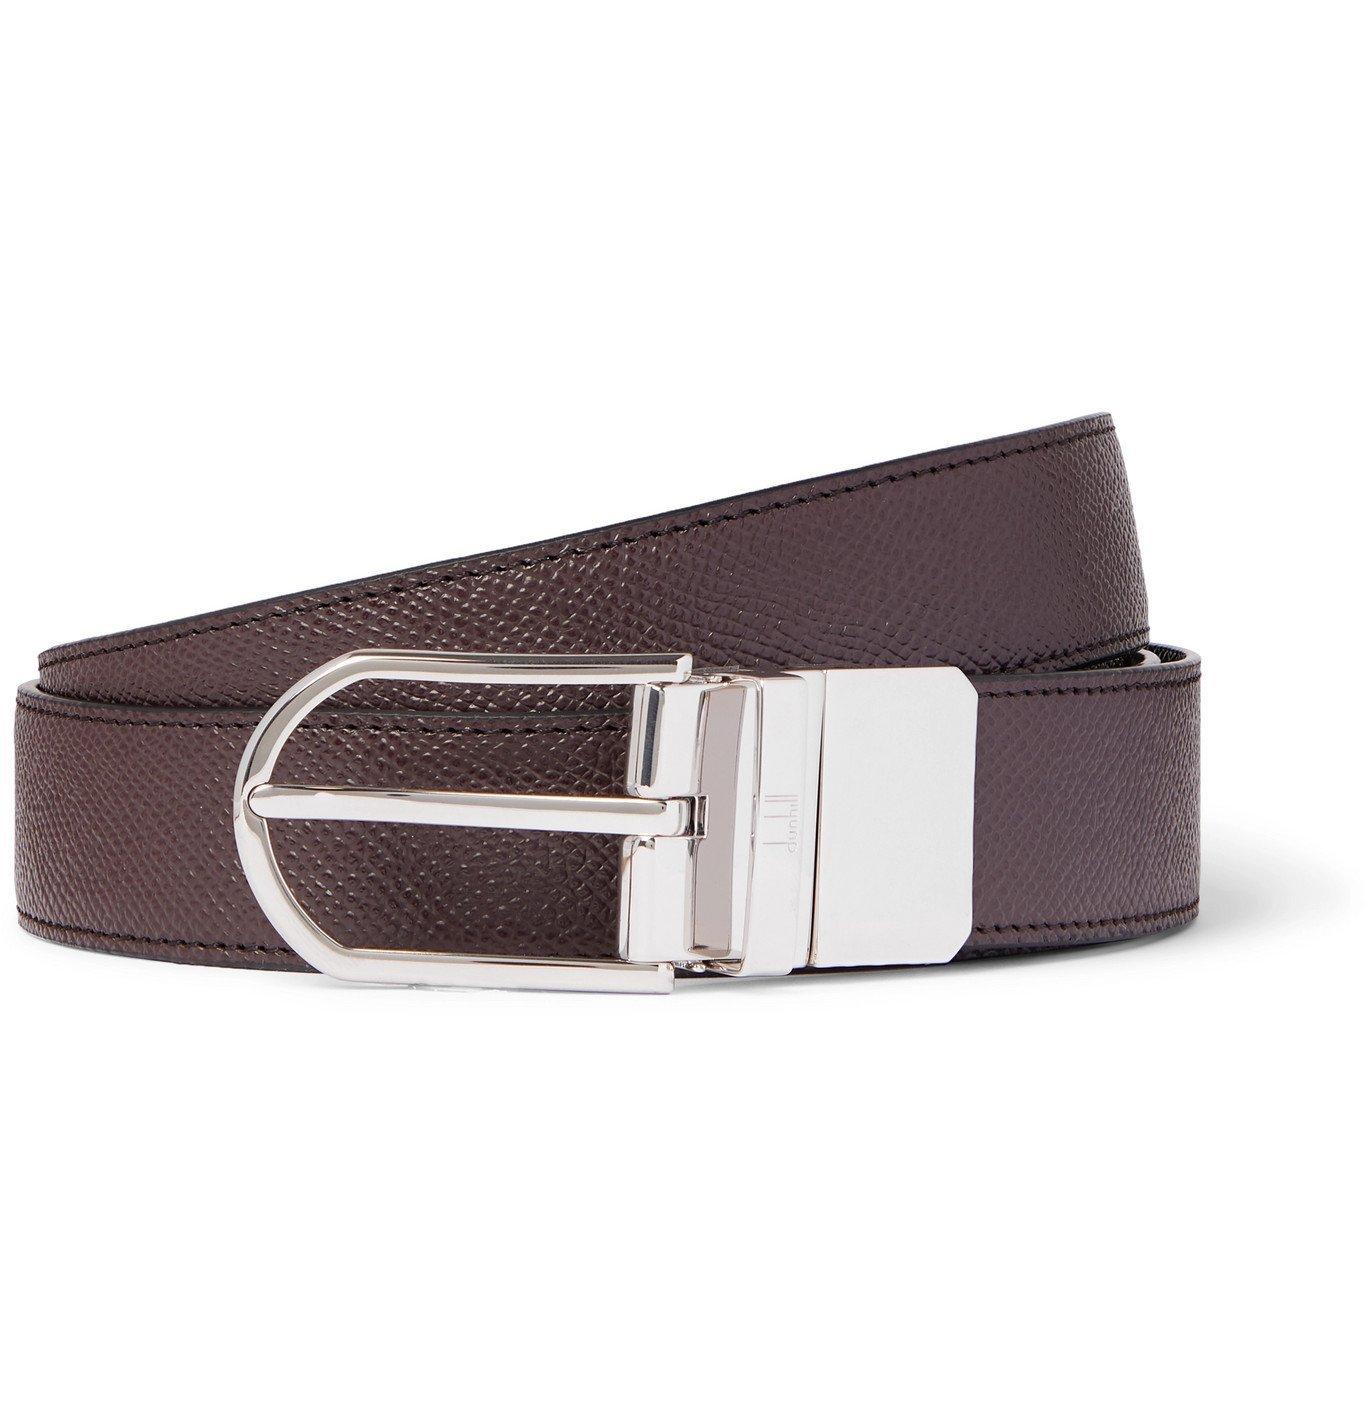 DUNHILL - 3cm Reversible Full-Grain Leather Belt - Brown